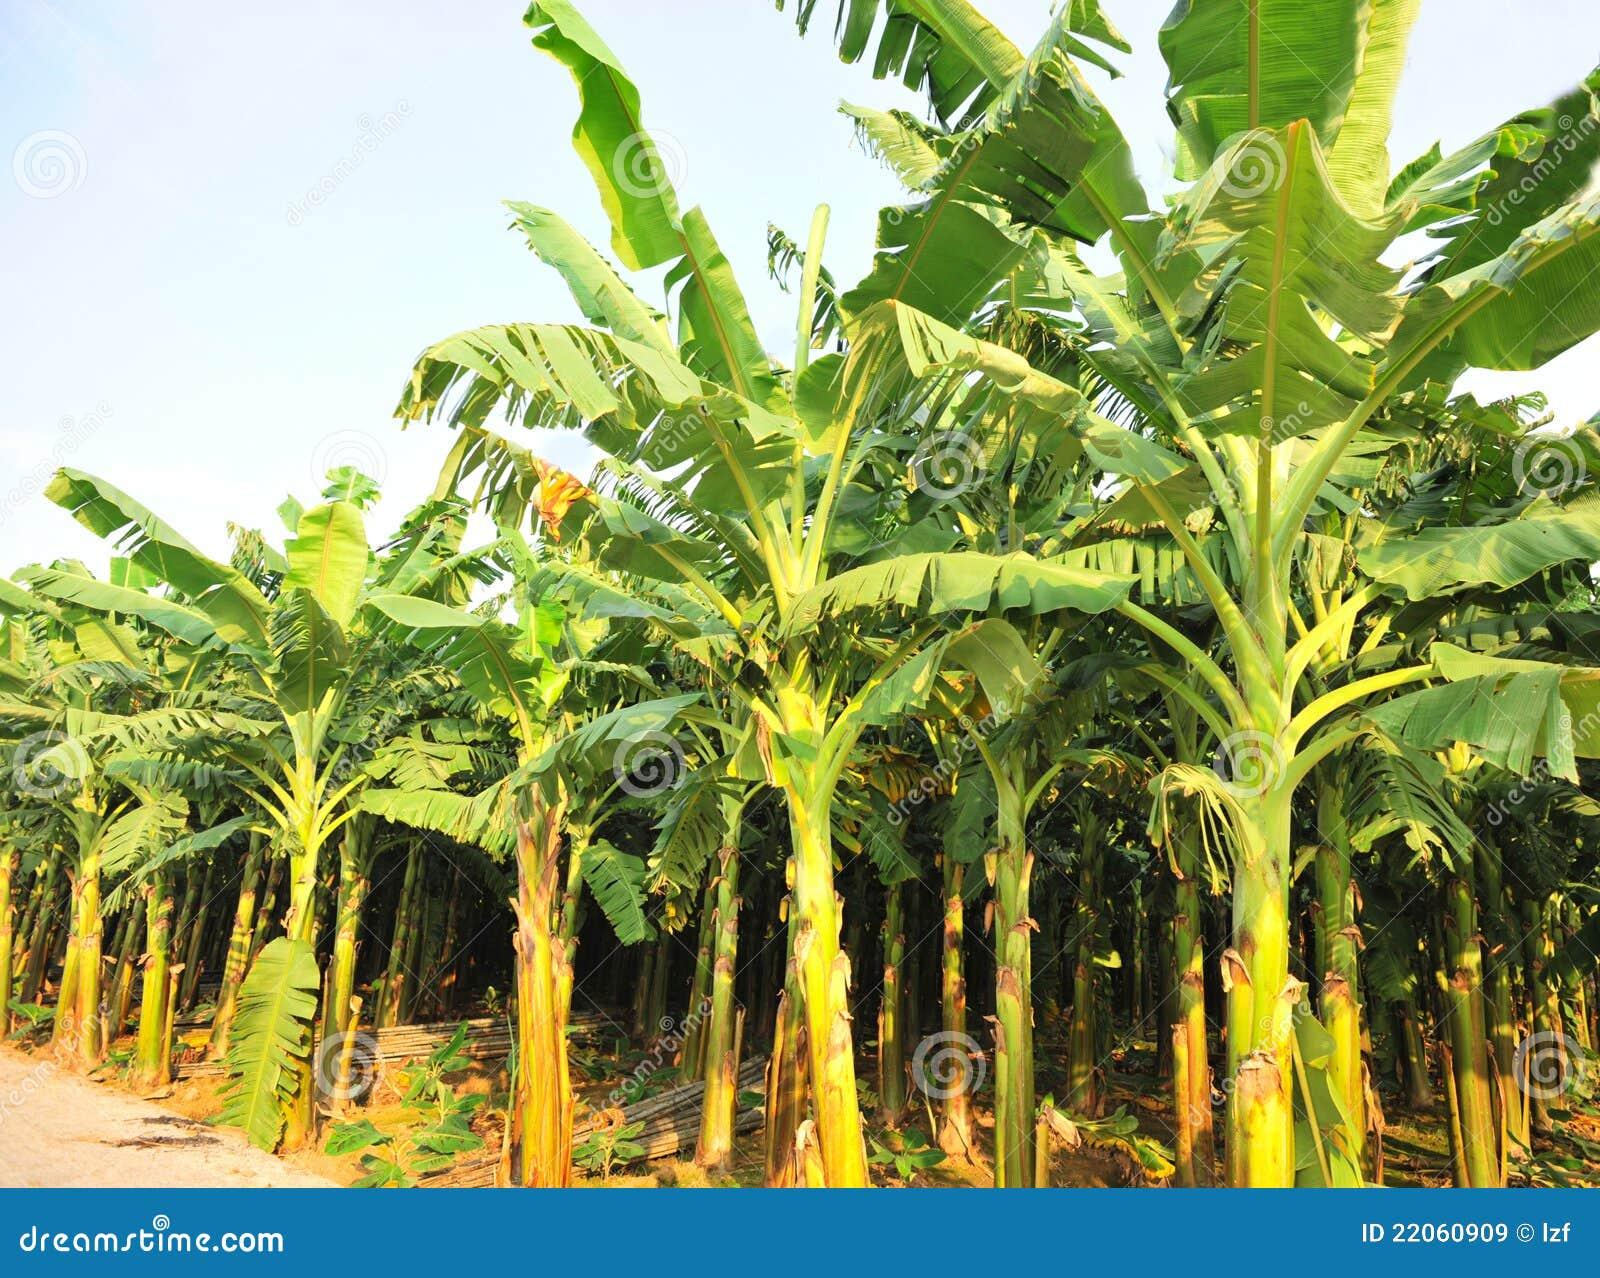 Collectes de banane